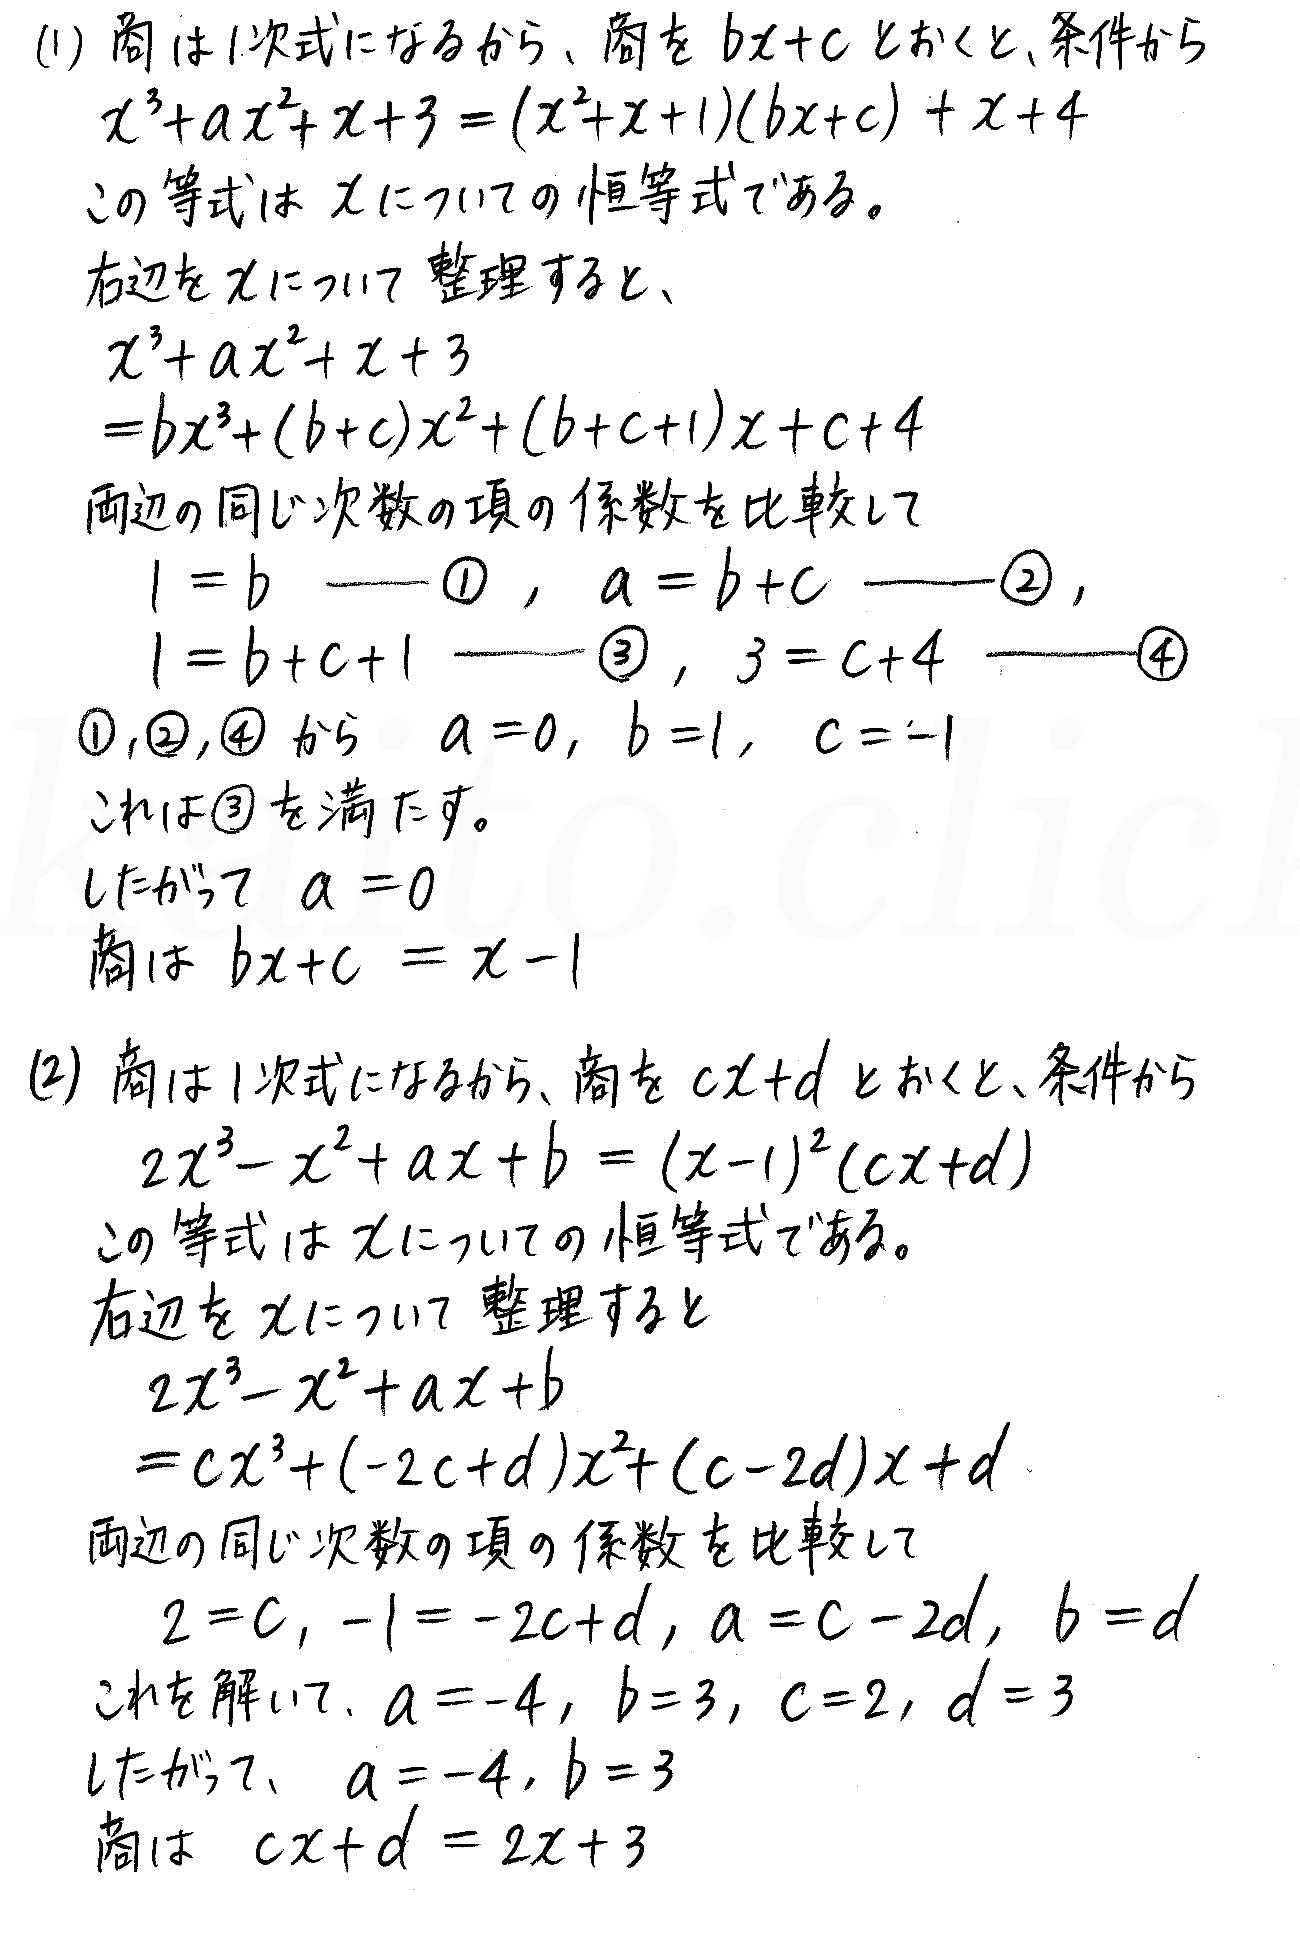 クリアー数学2-43解答